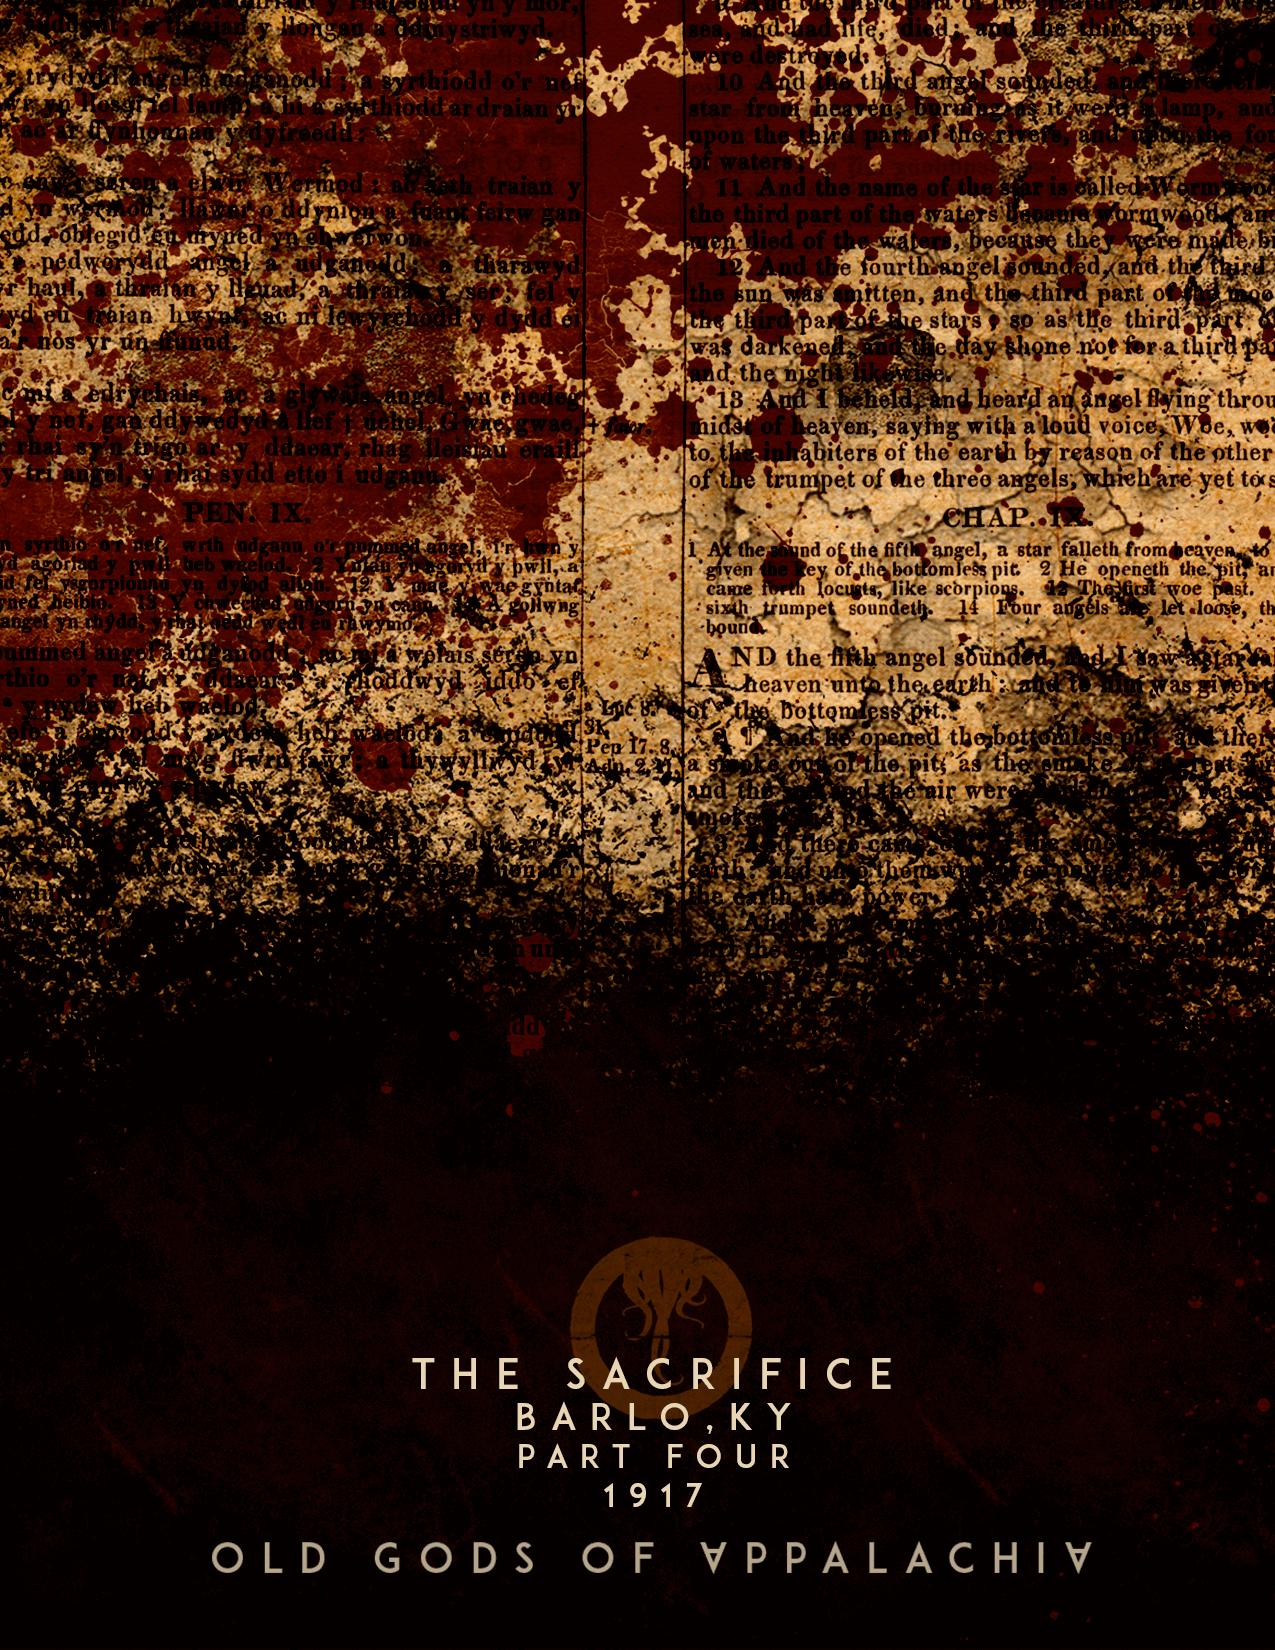 Episode 4: The Sacrifice: Barlo, Kentucky 1917: Part Four